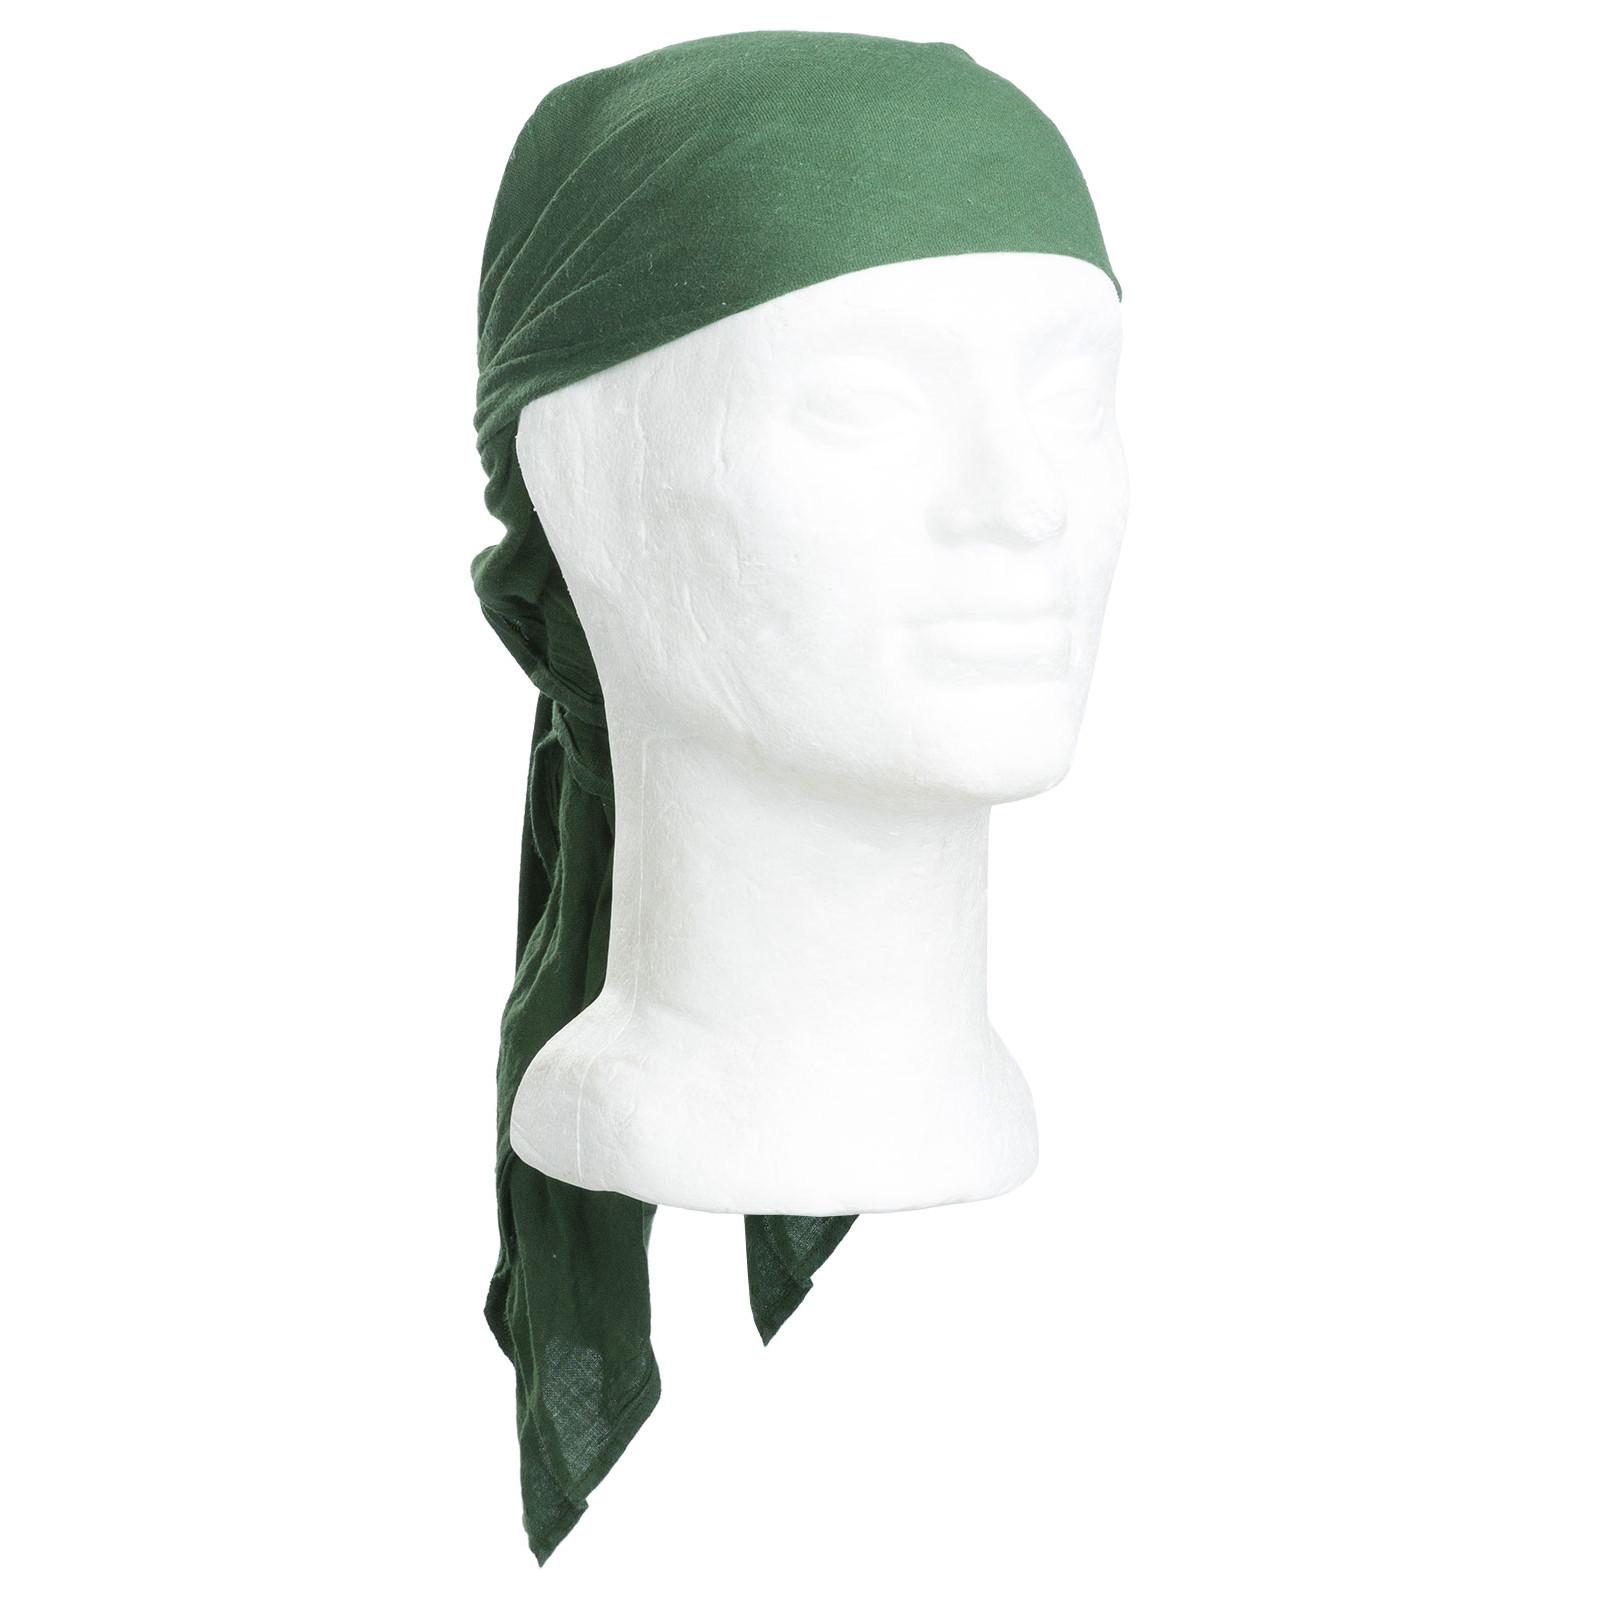 """Genuine Unissued Czech Army Olive Green Bandana Military Neckerchief 46/"""" x 31/"""""""